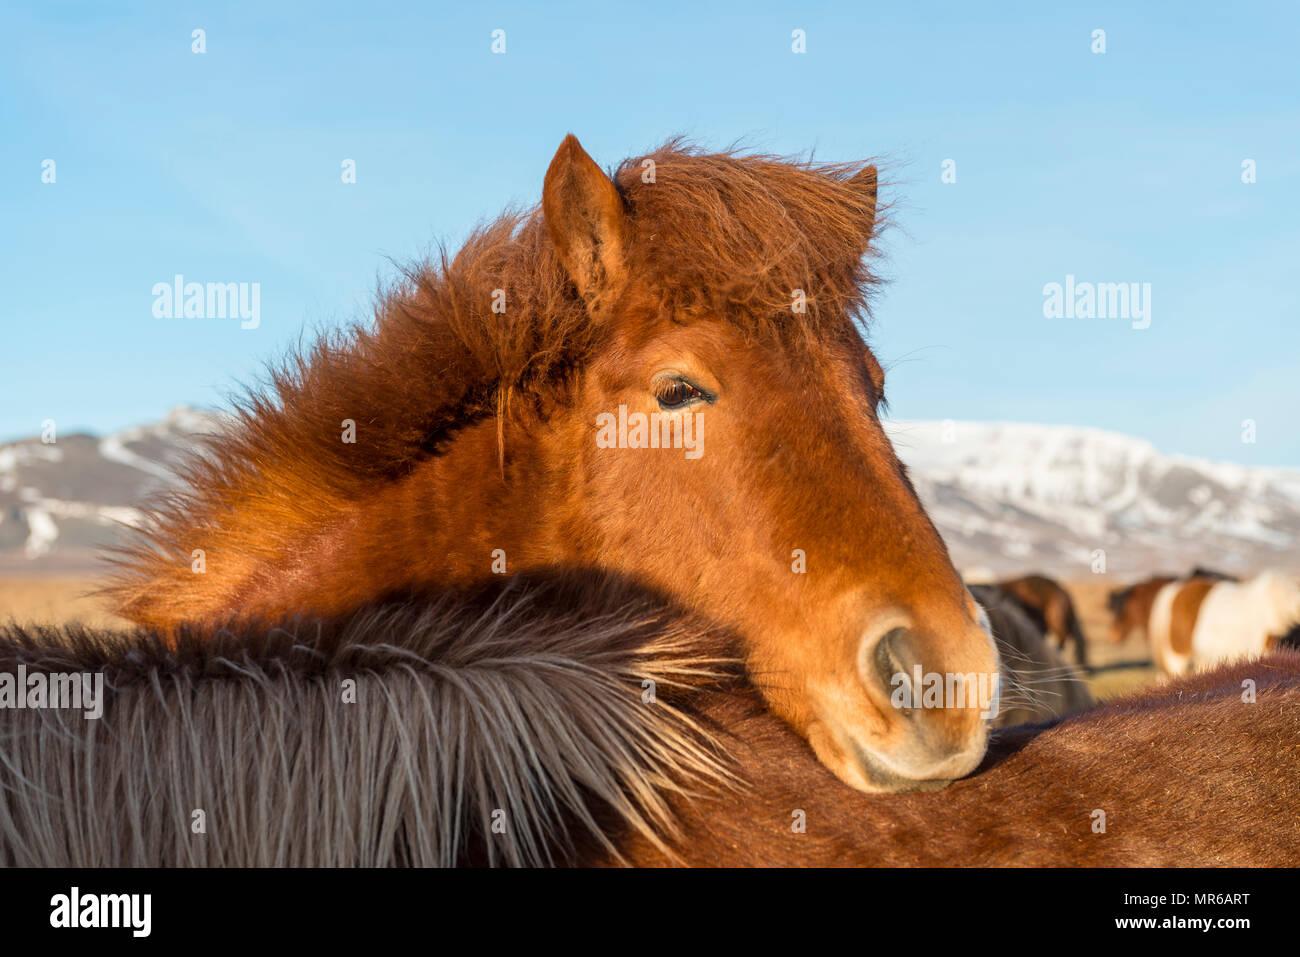 Isländische Pferd (Equus przewalskii f. caballus) setzt den Kopf über ein anderes Pferd, Tier Portrait im südlichen Island, Island Stockbild